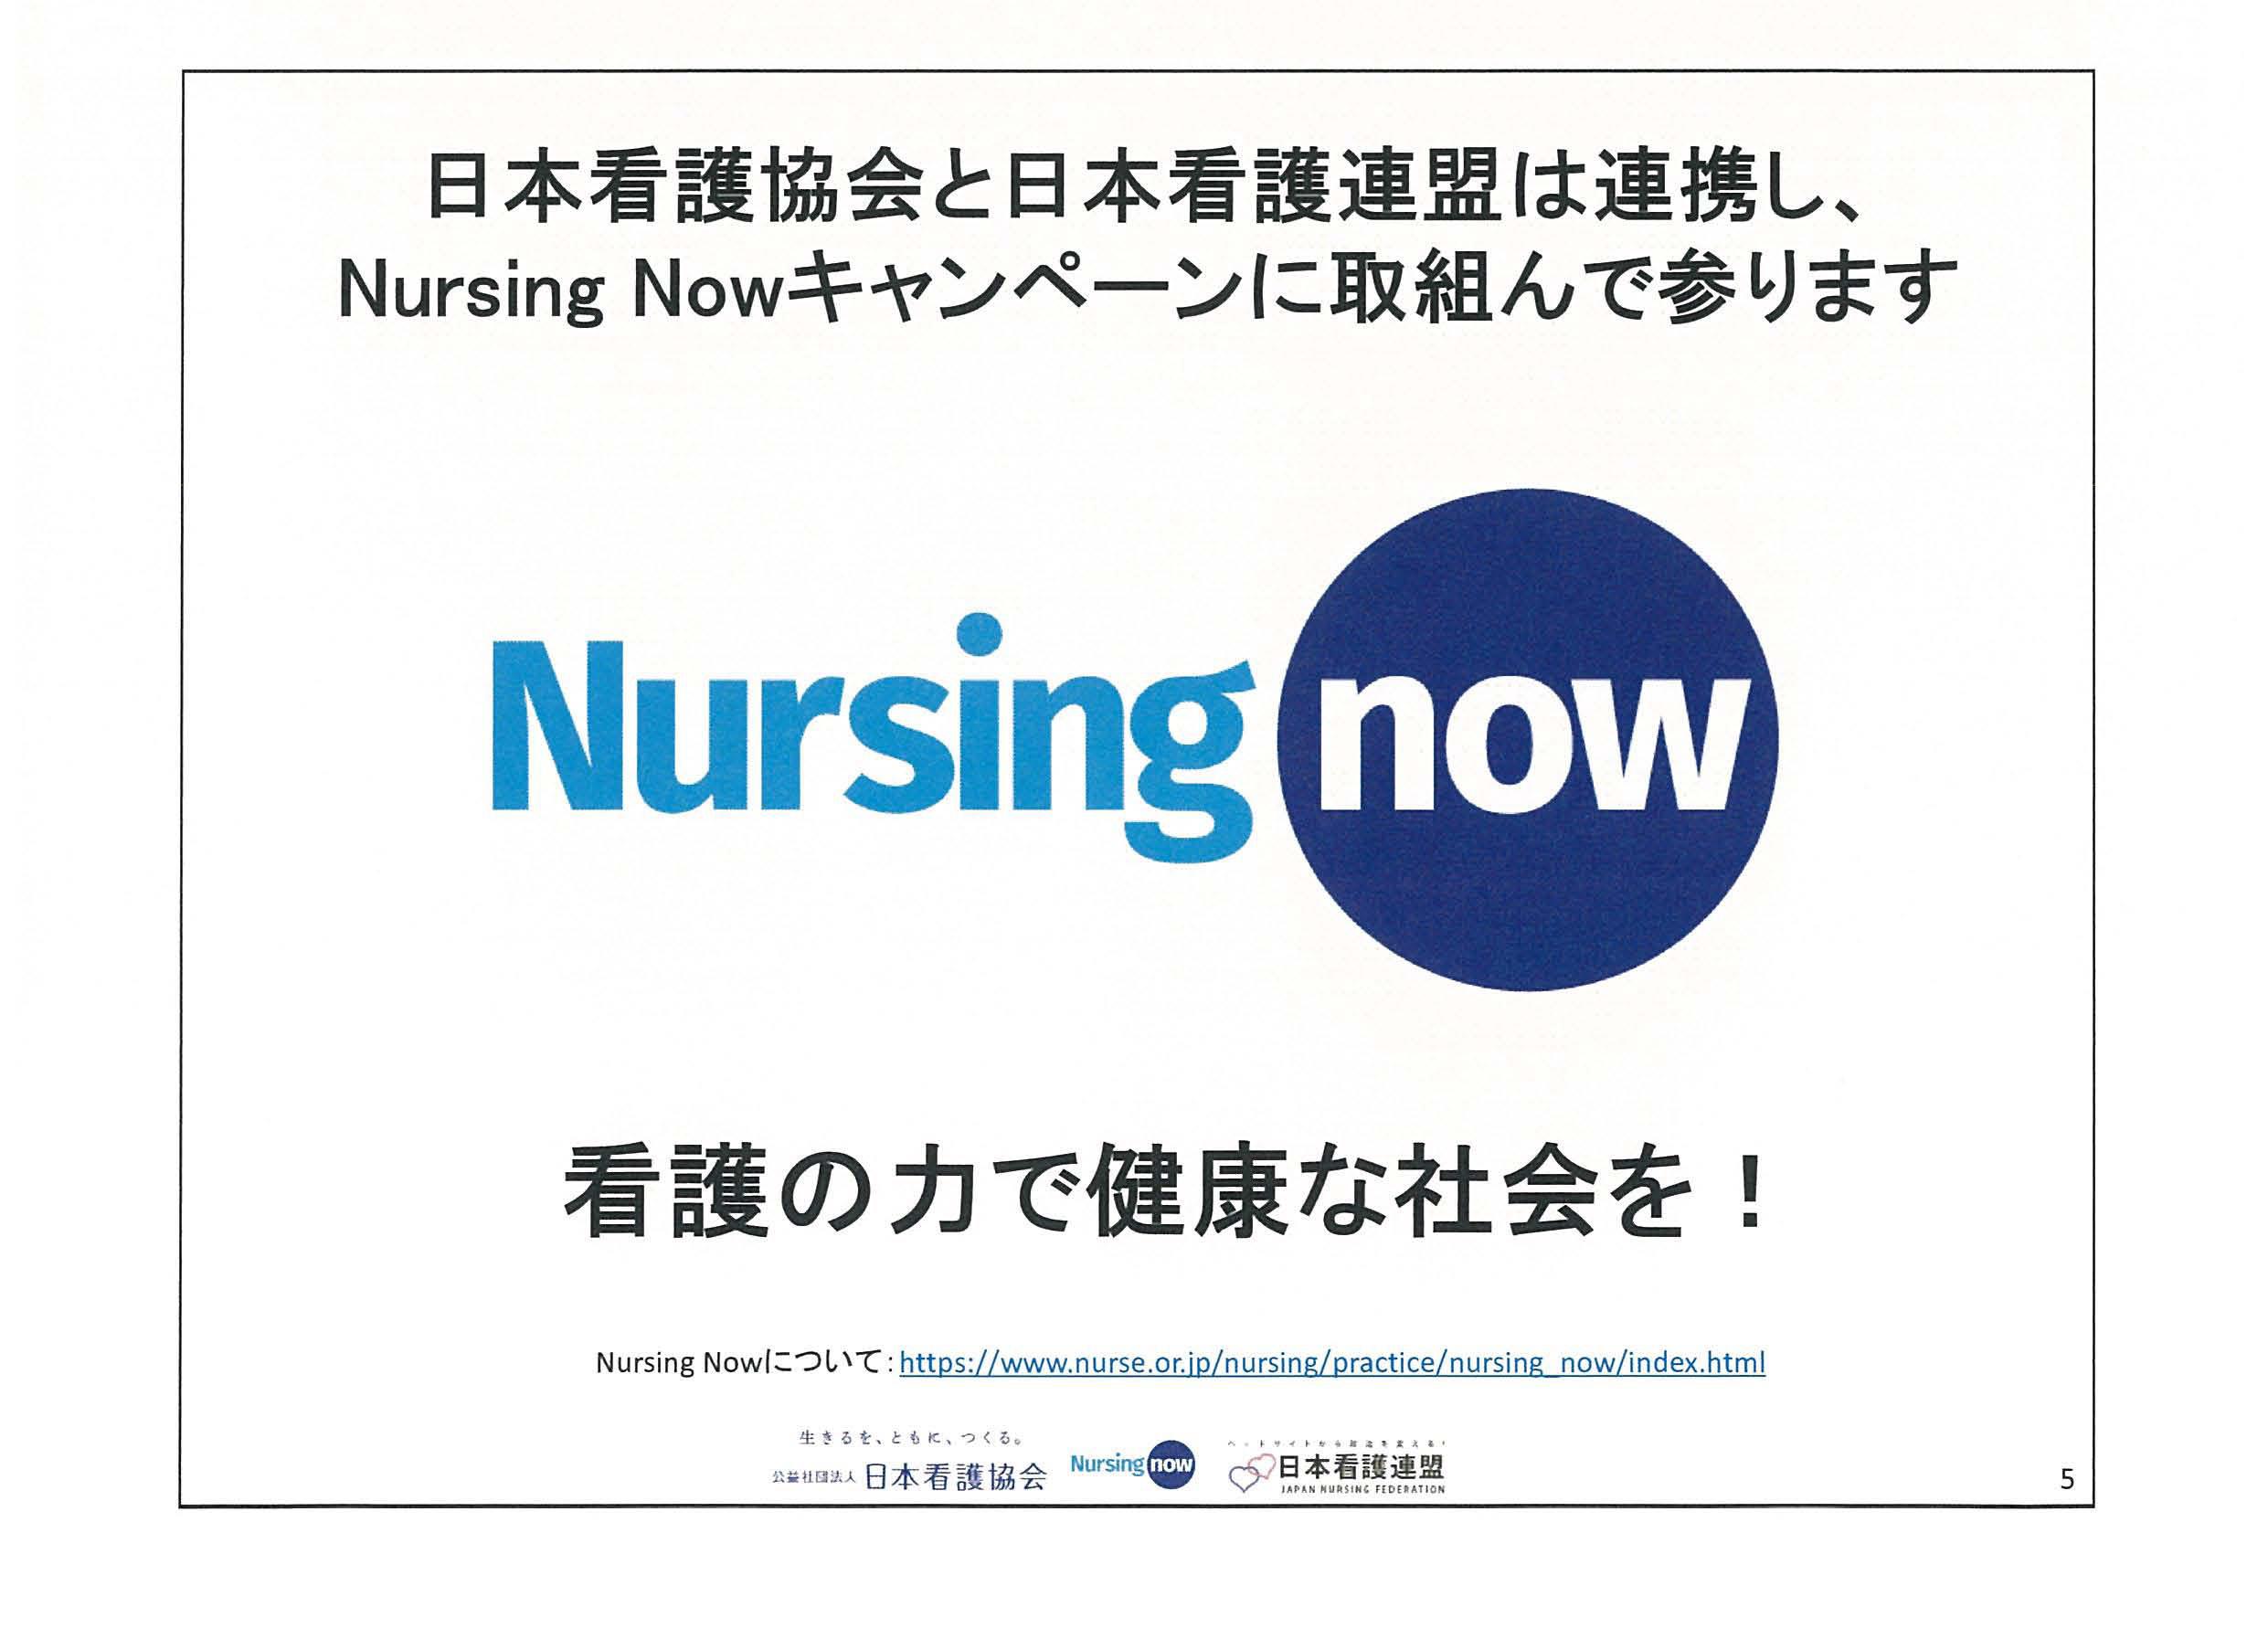 05_20190618日看協会見「資料4」Nursing Now